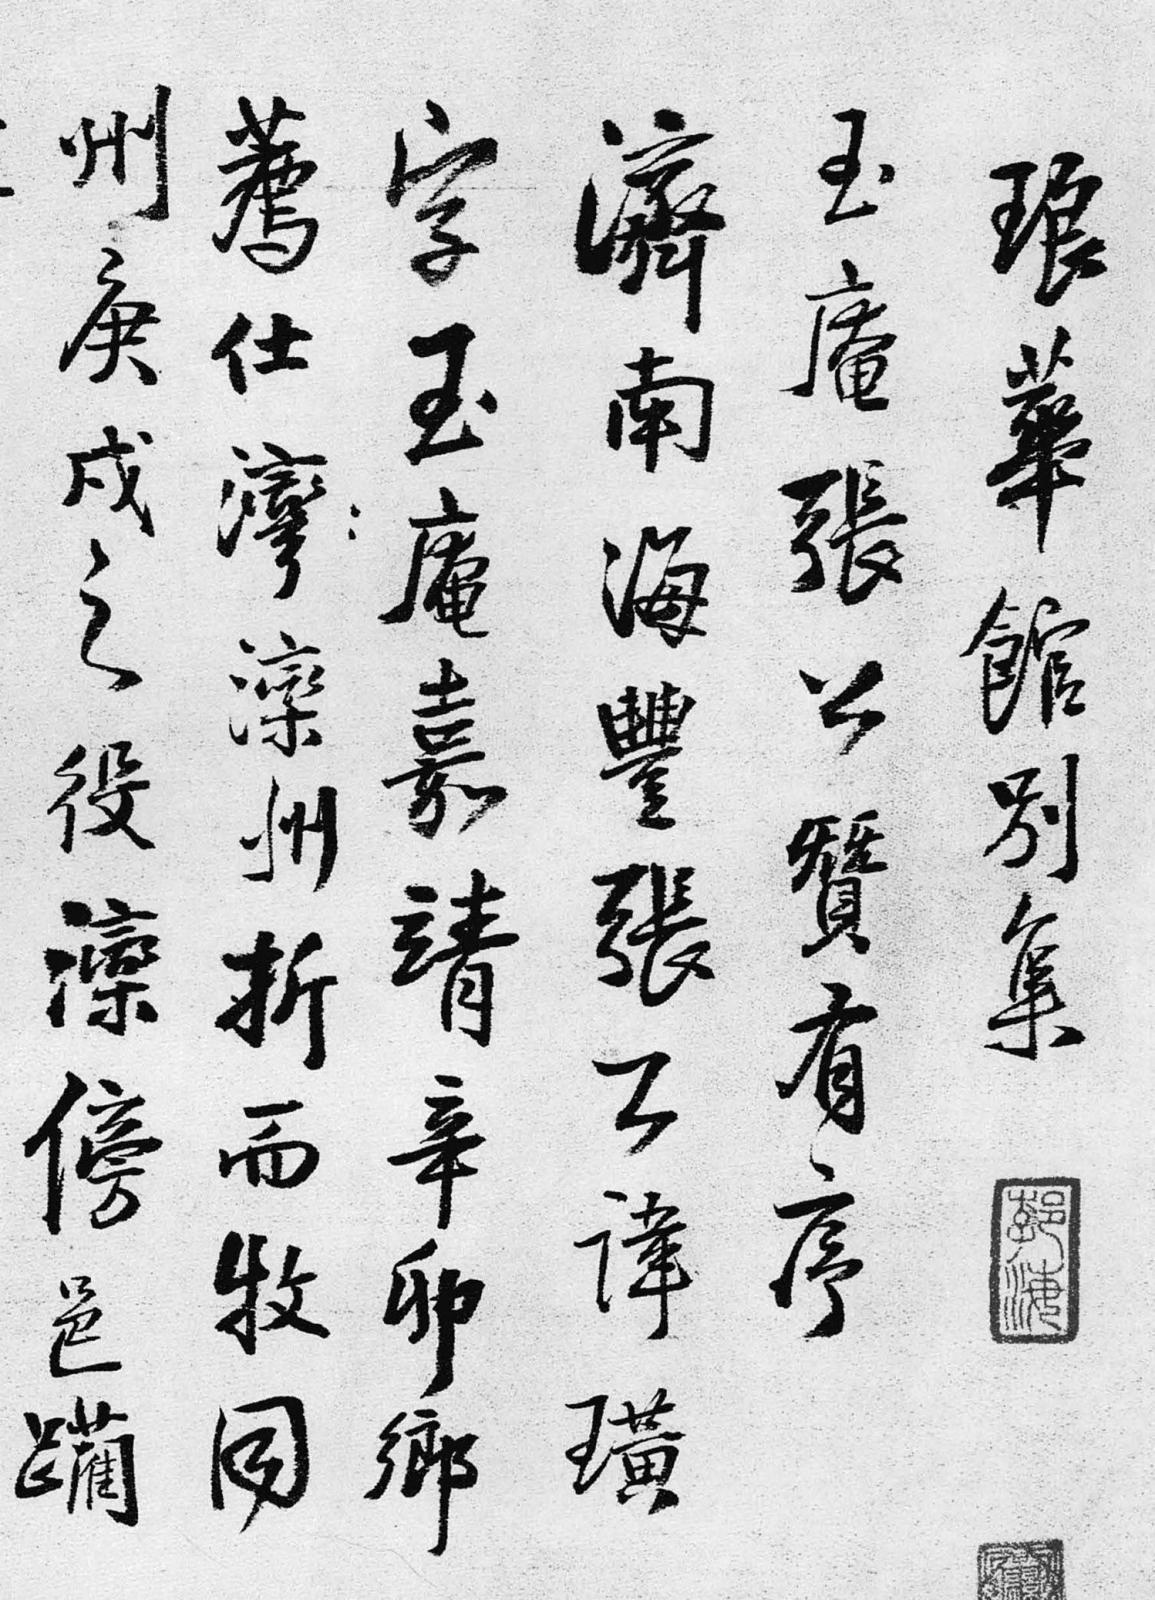 王铎60岁行书《玉庵张公赞卷》,济南市博物馆藏。